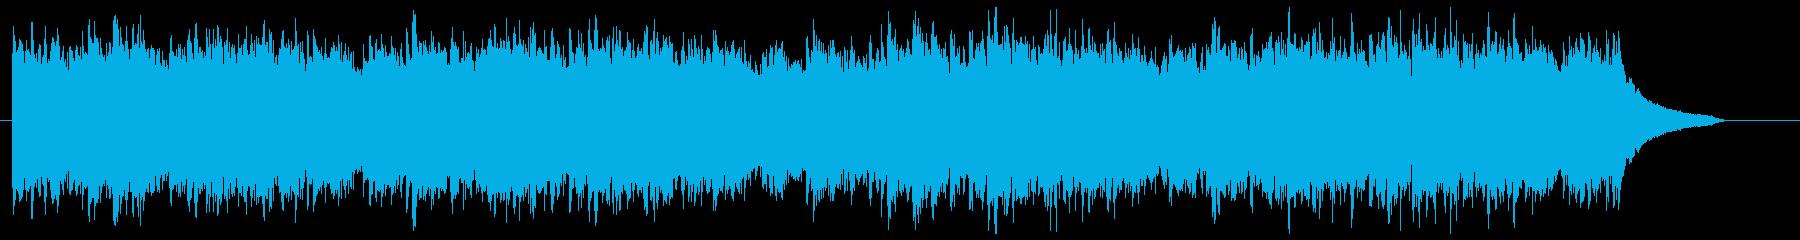 爽やかなCM動画向けピアノBGMの再生済みの波形